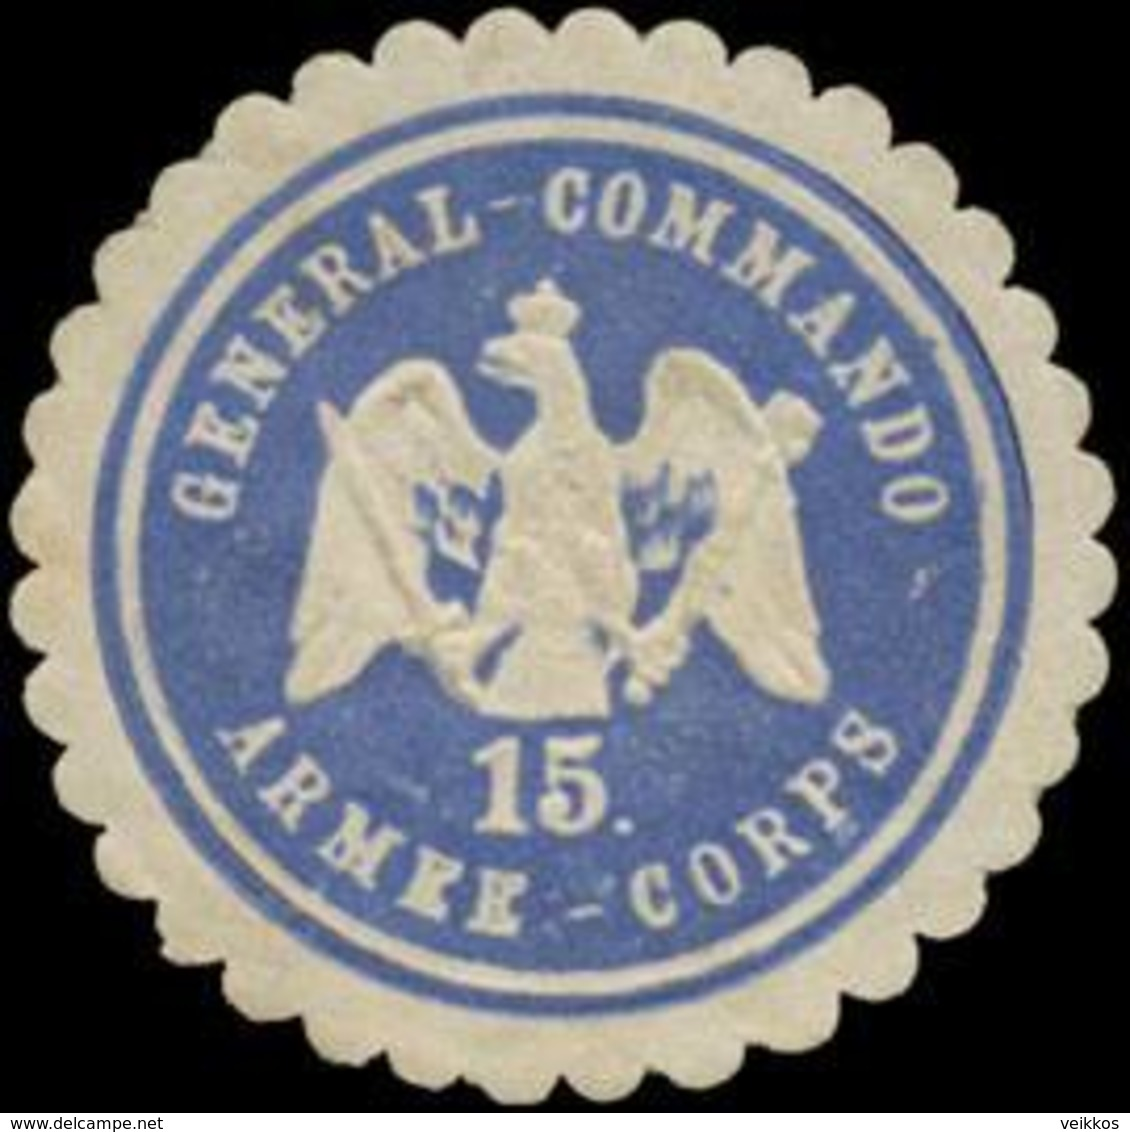 Straßburg/Elsaß: General-Commando 15. Armee-Corps Siegelmarke - Cinderellas